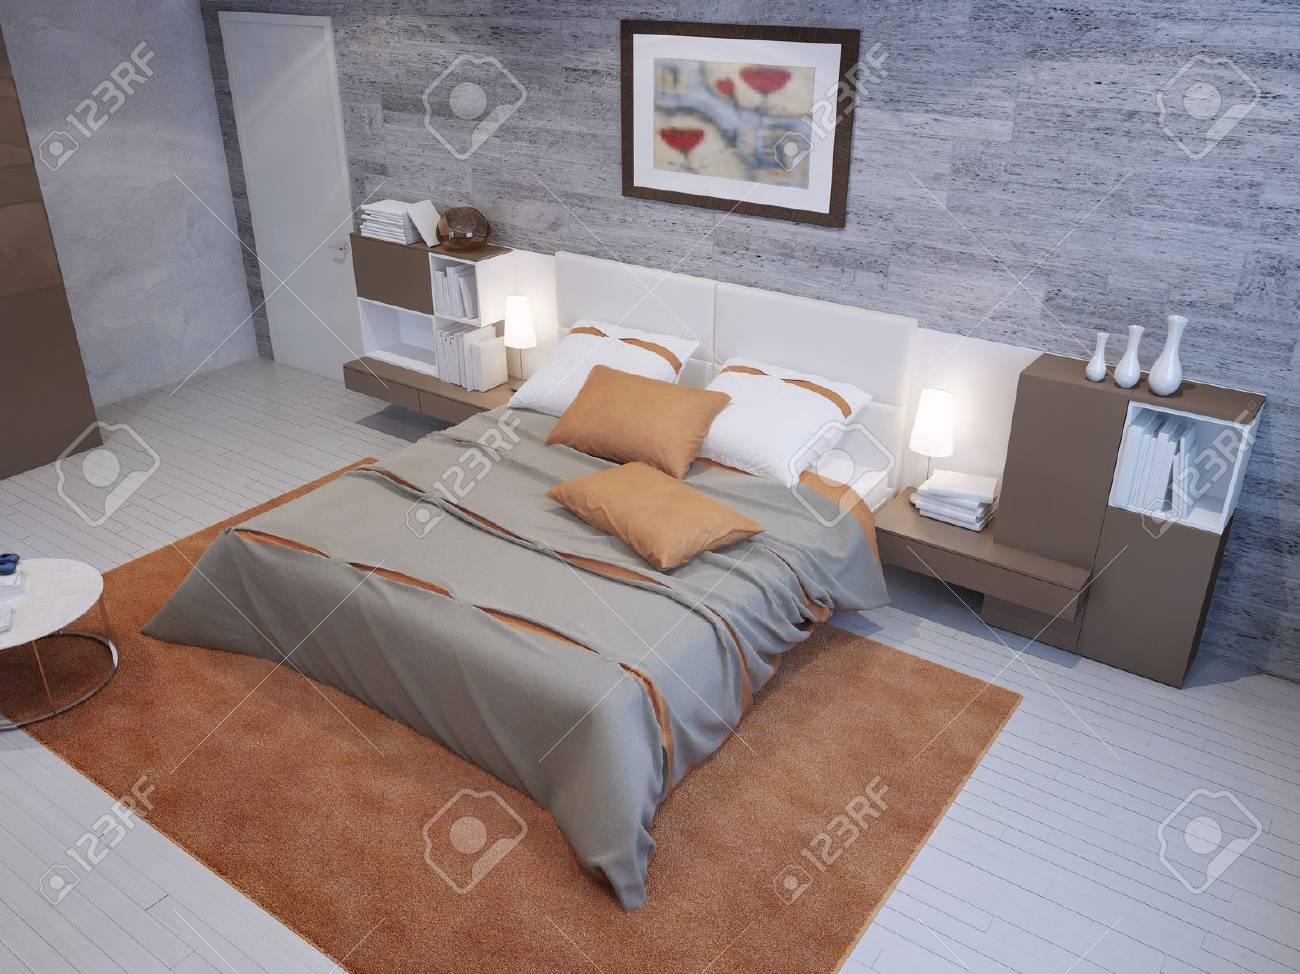 Geräumiges Schlafzimmer In Grau Und Orange Farben Mit Mauerwerk Tapeten Und  Taupe Möbel. 3D übertragen